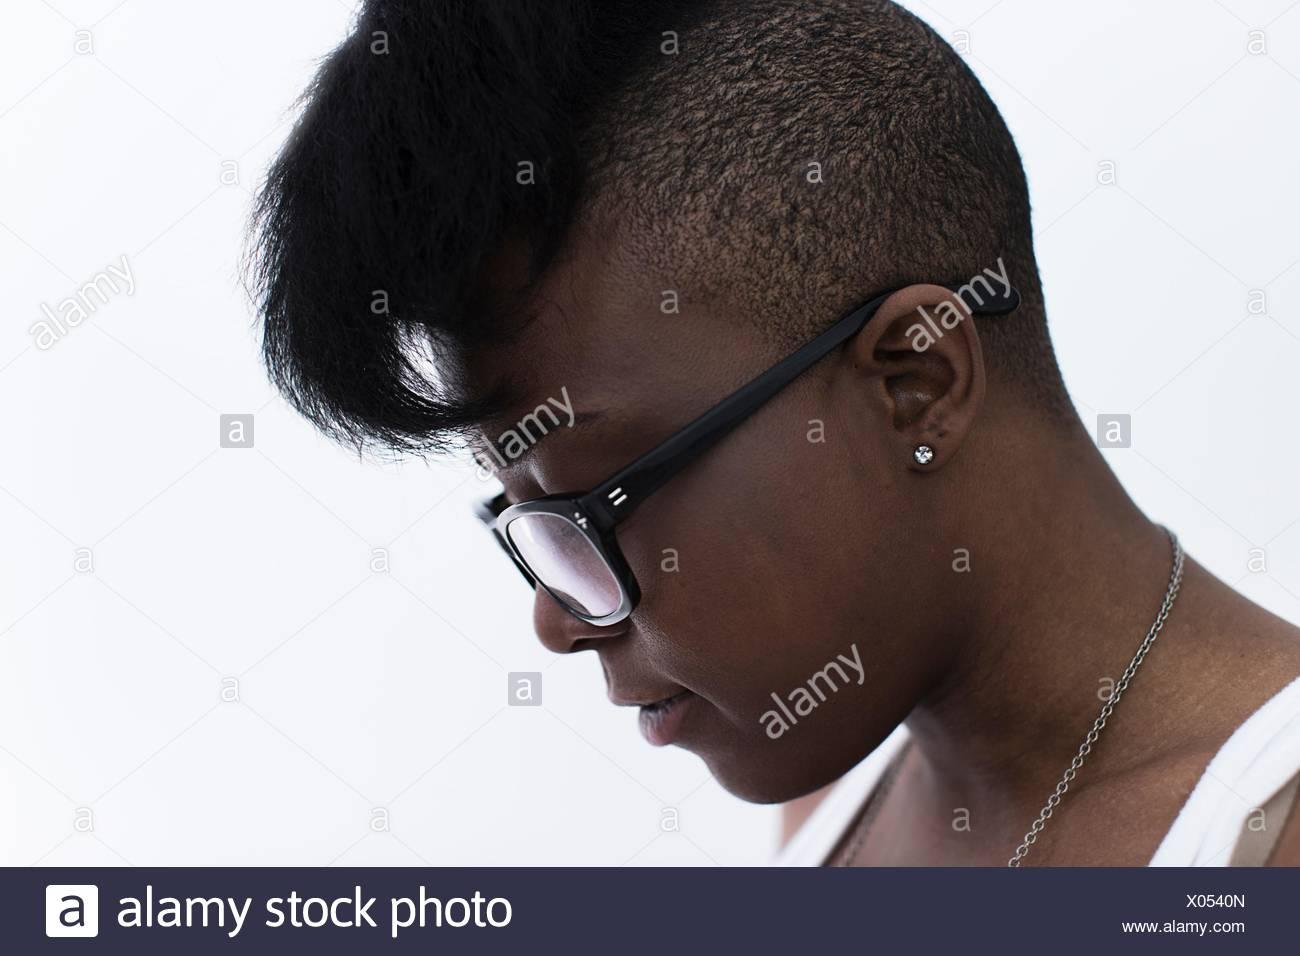 Studio Profile retrato de mujer joven con la cabeza rapada y quiff Imagen De Stock